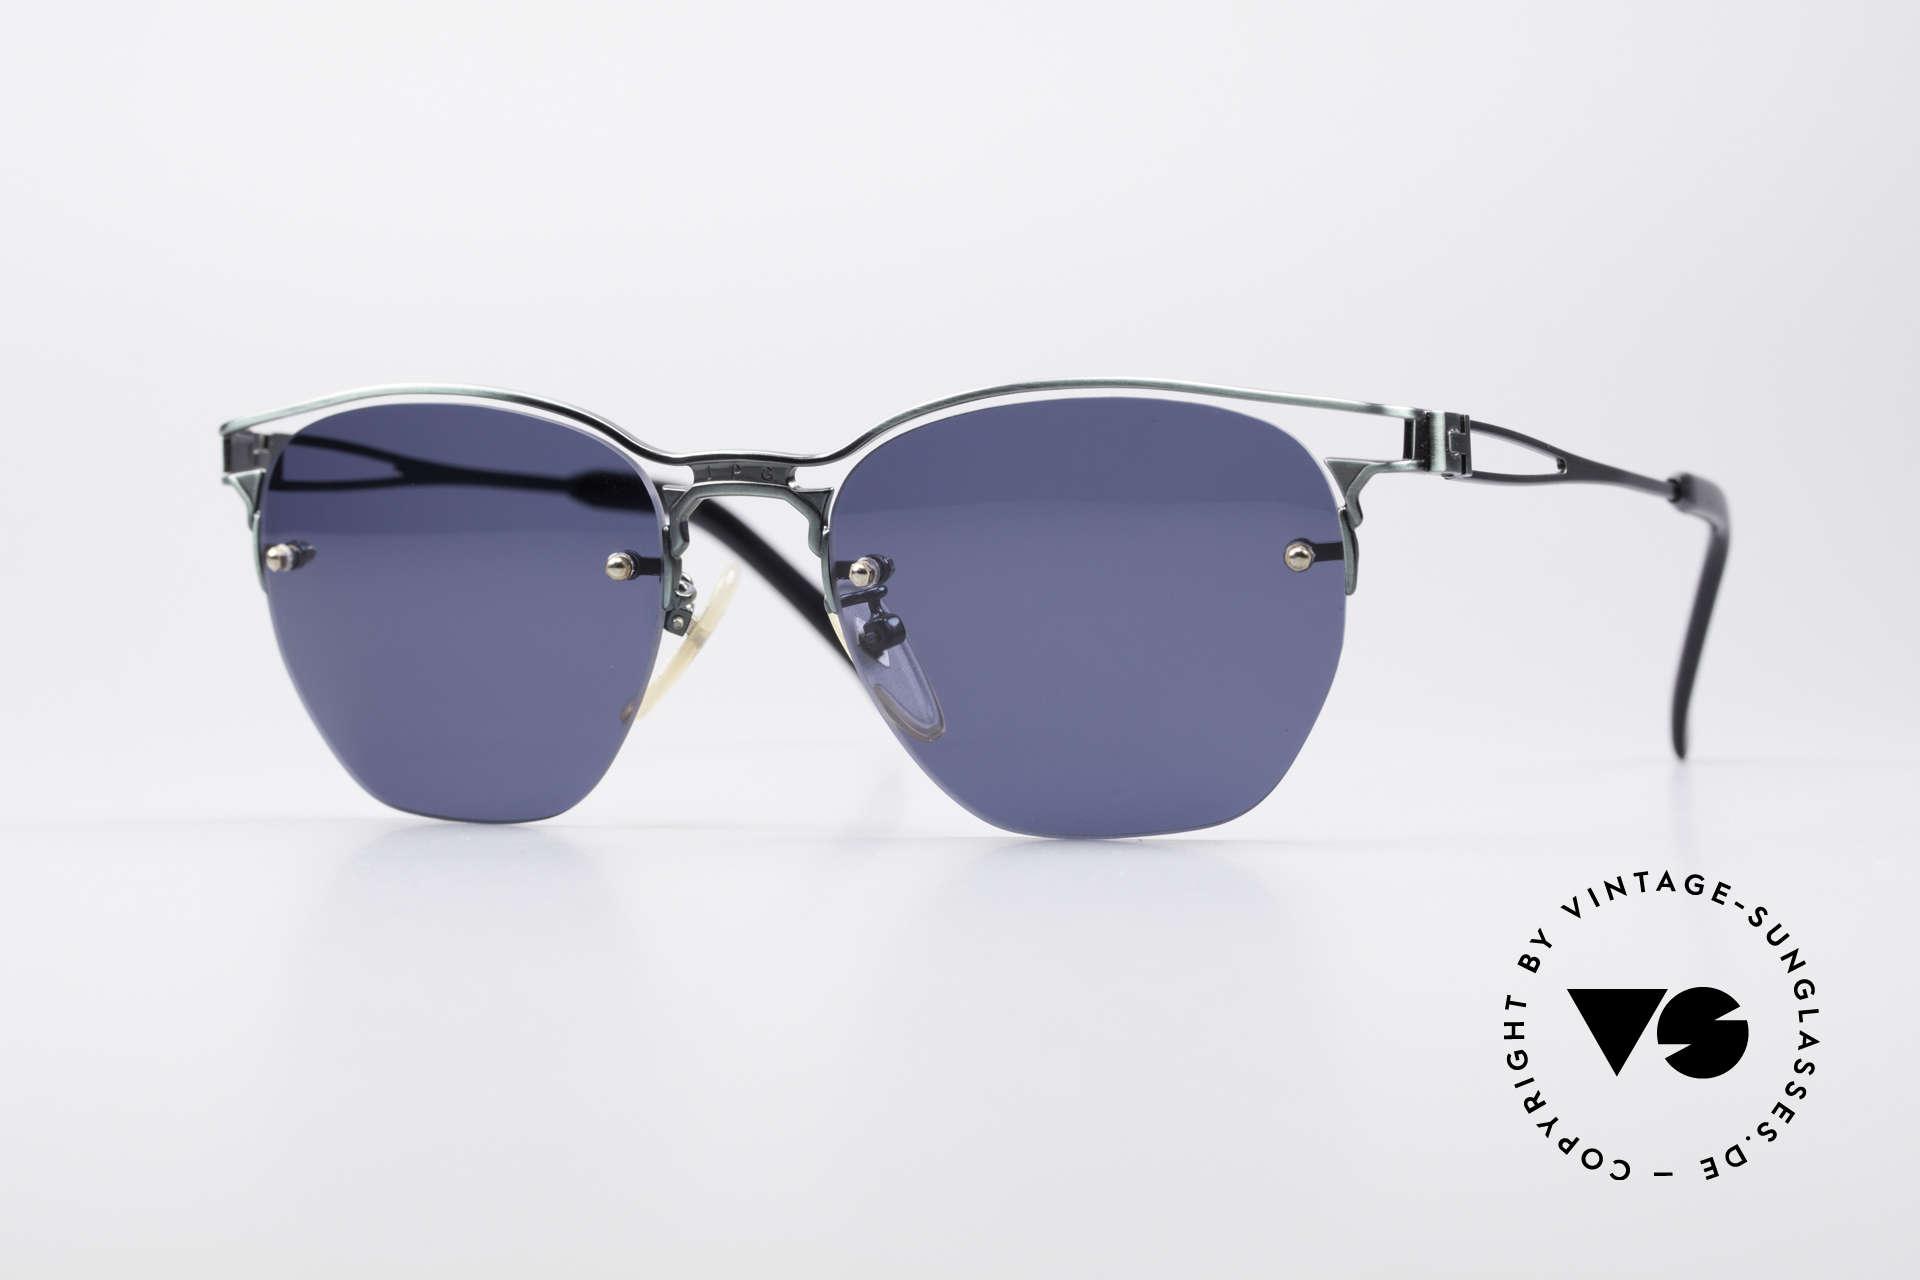 Jean Paul Gaultier 56-2173 Echt Vintage No Retro Brille, außergewöhnliche JPG Designersonnenbrille, Passend für Herren und Damen